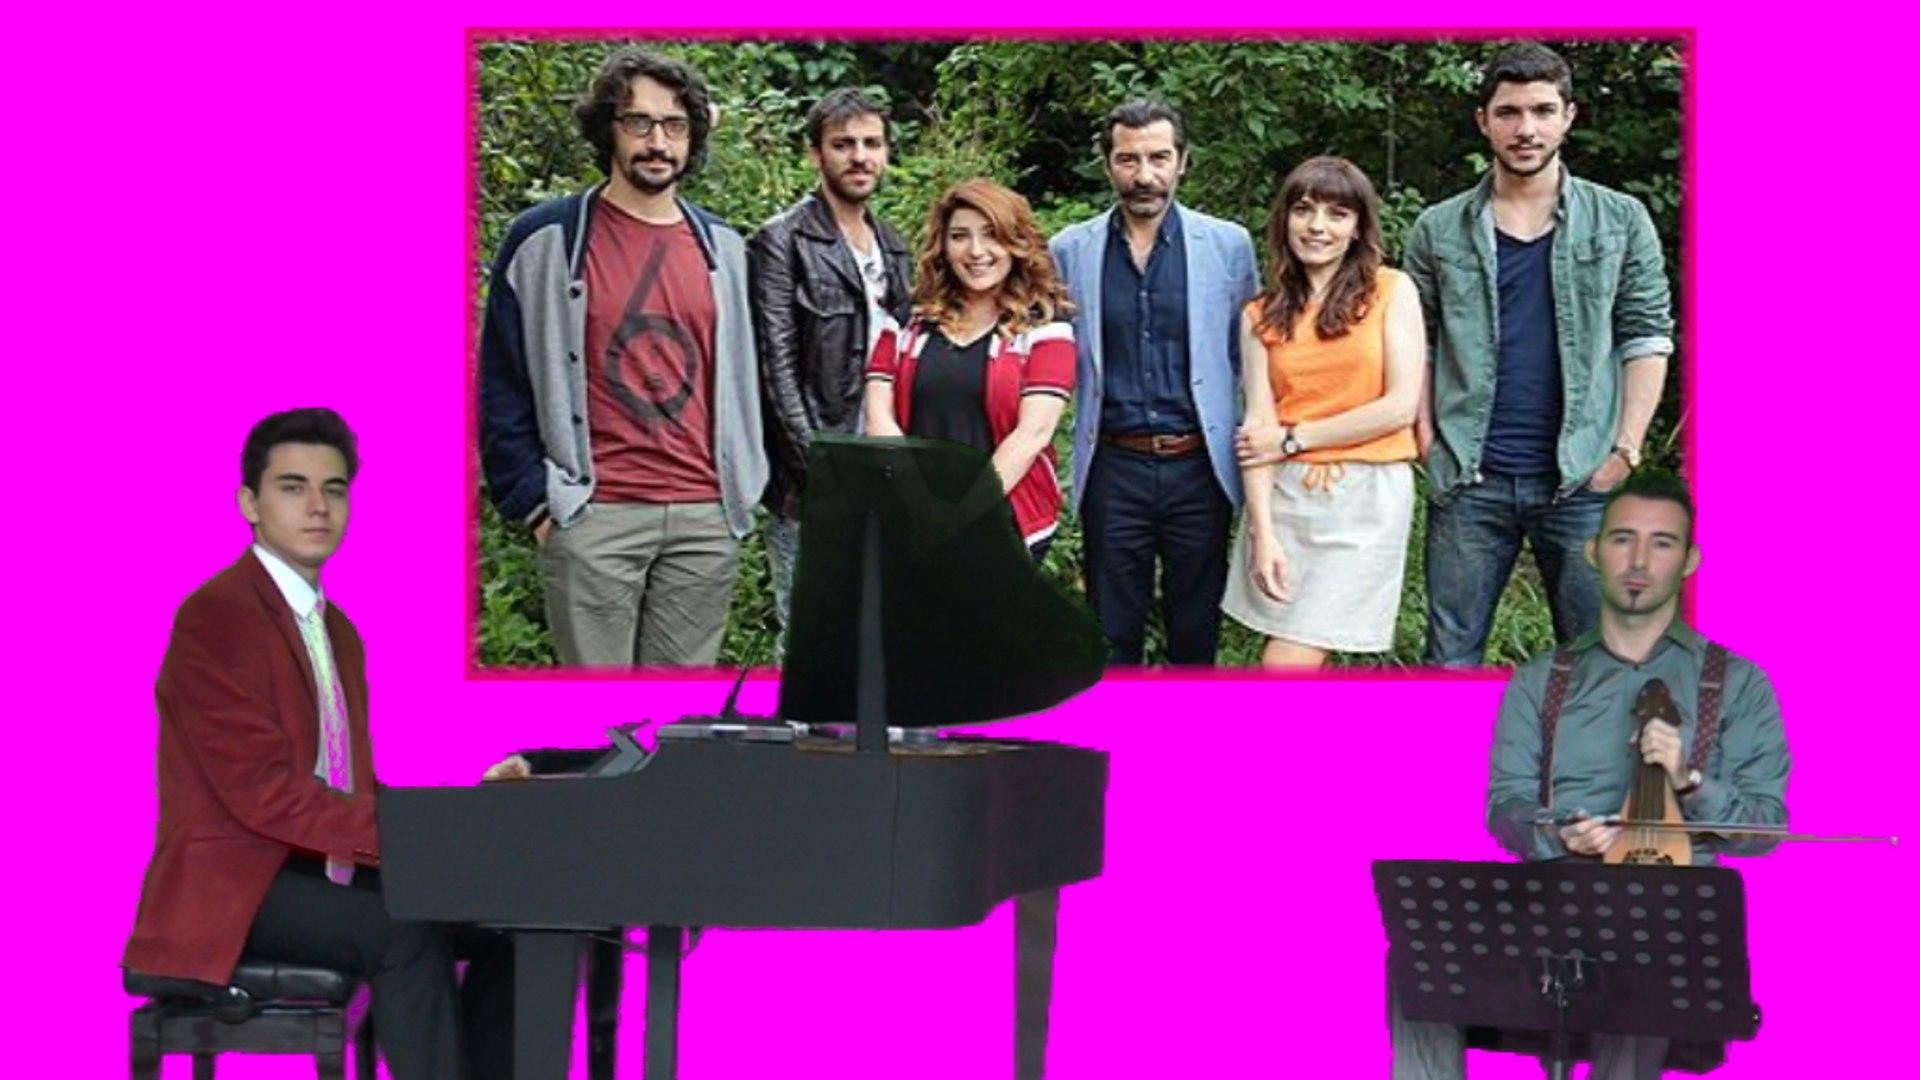 Jenerik Müzik ULAN İSTANBUL Dizi Film Müziği Star Tv Piyano Klasik Kemençe Genç Piyanist Müzisyen Mü